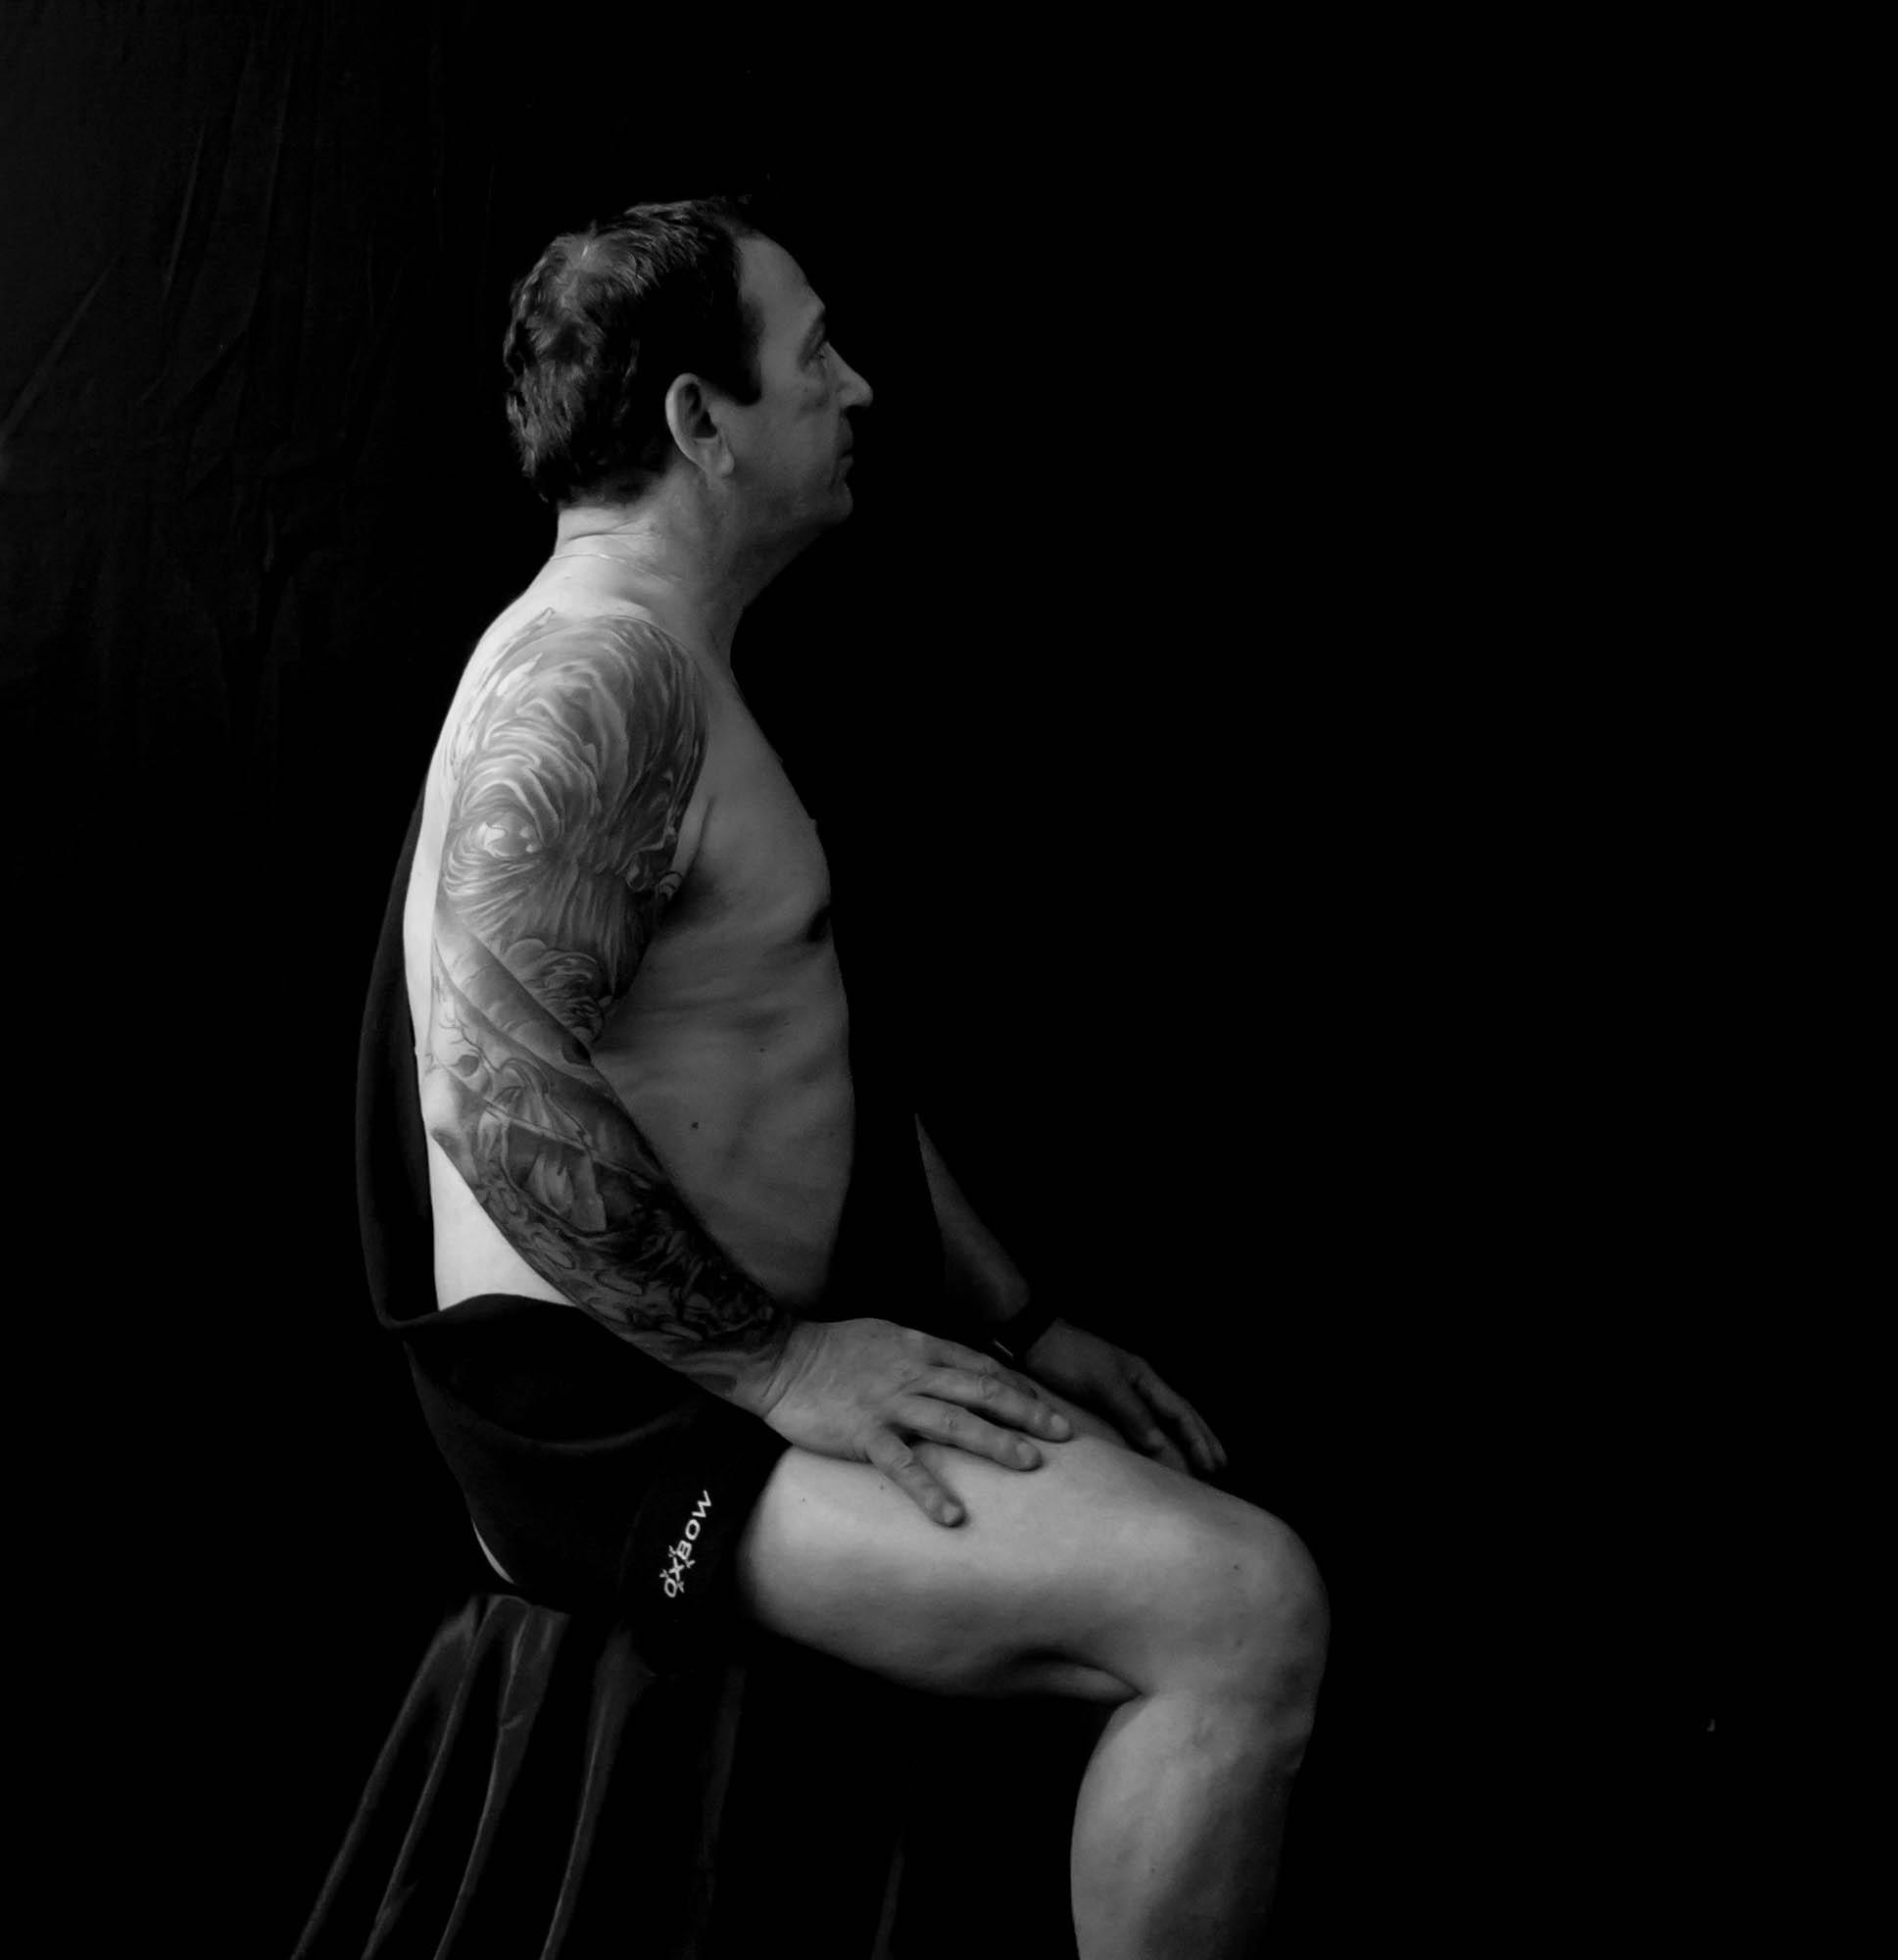 Images Gratuites Homme Noir Et Blanc La Photographie Male